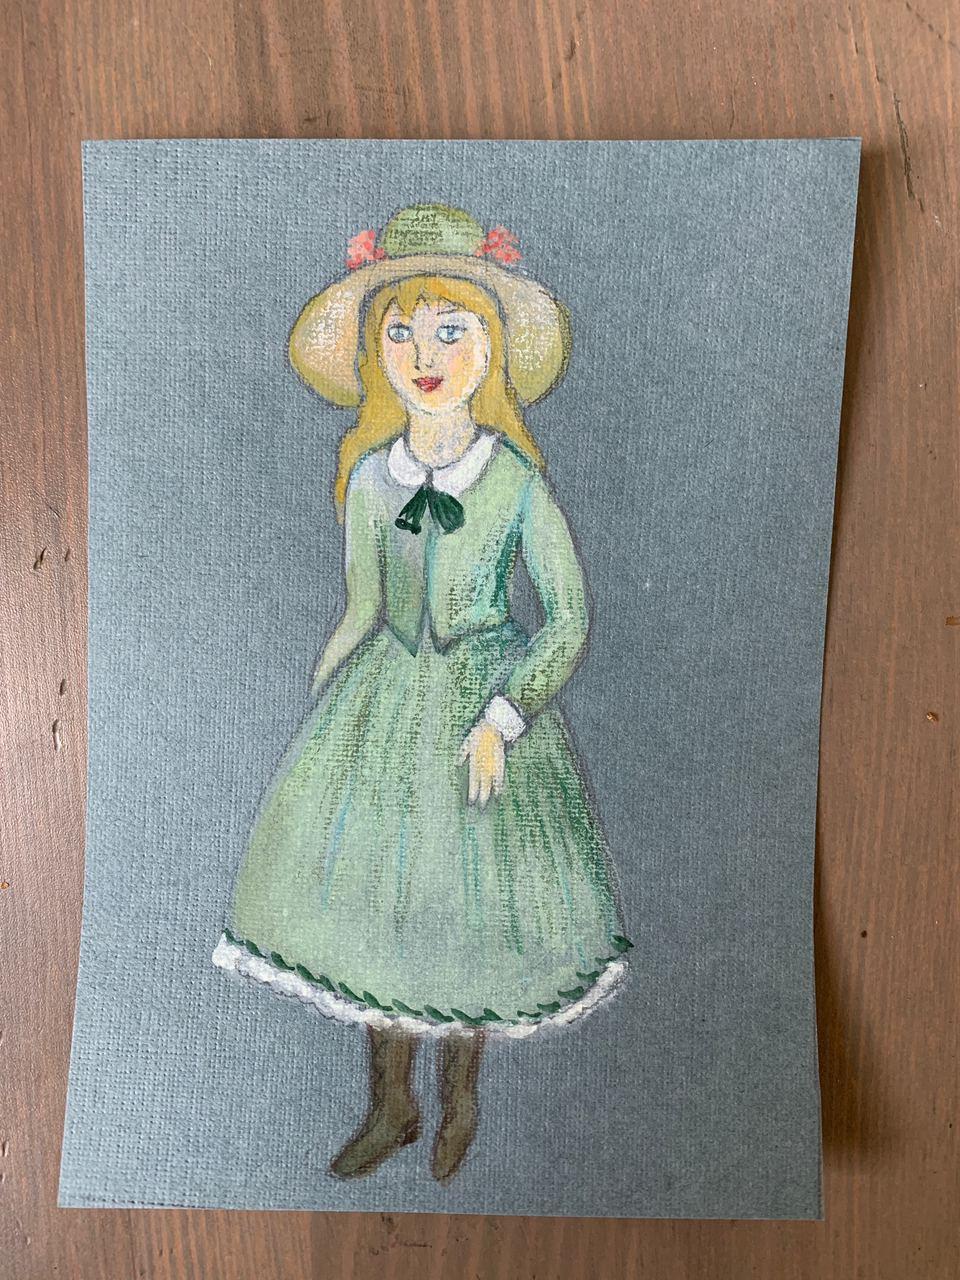 Lemberg Helen. Girl